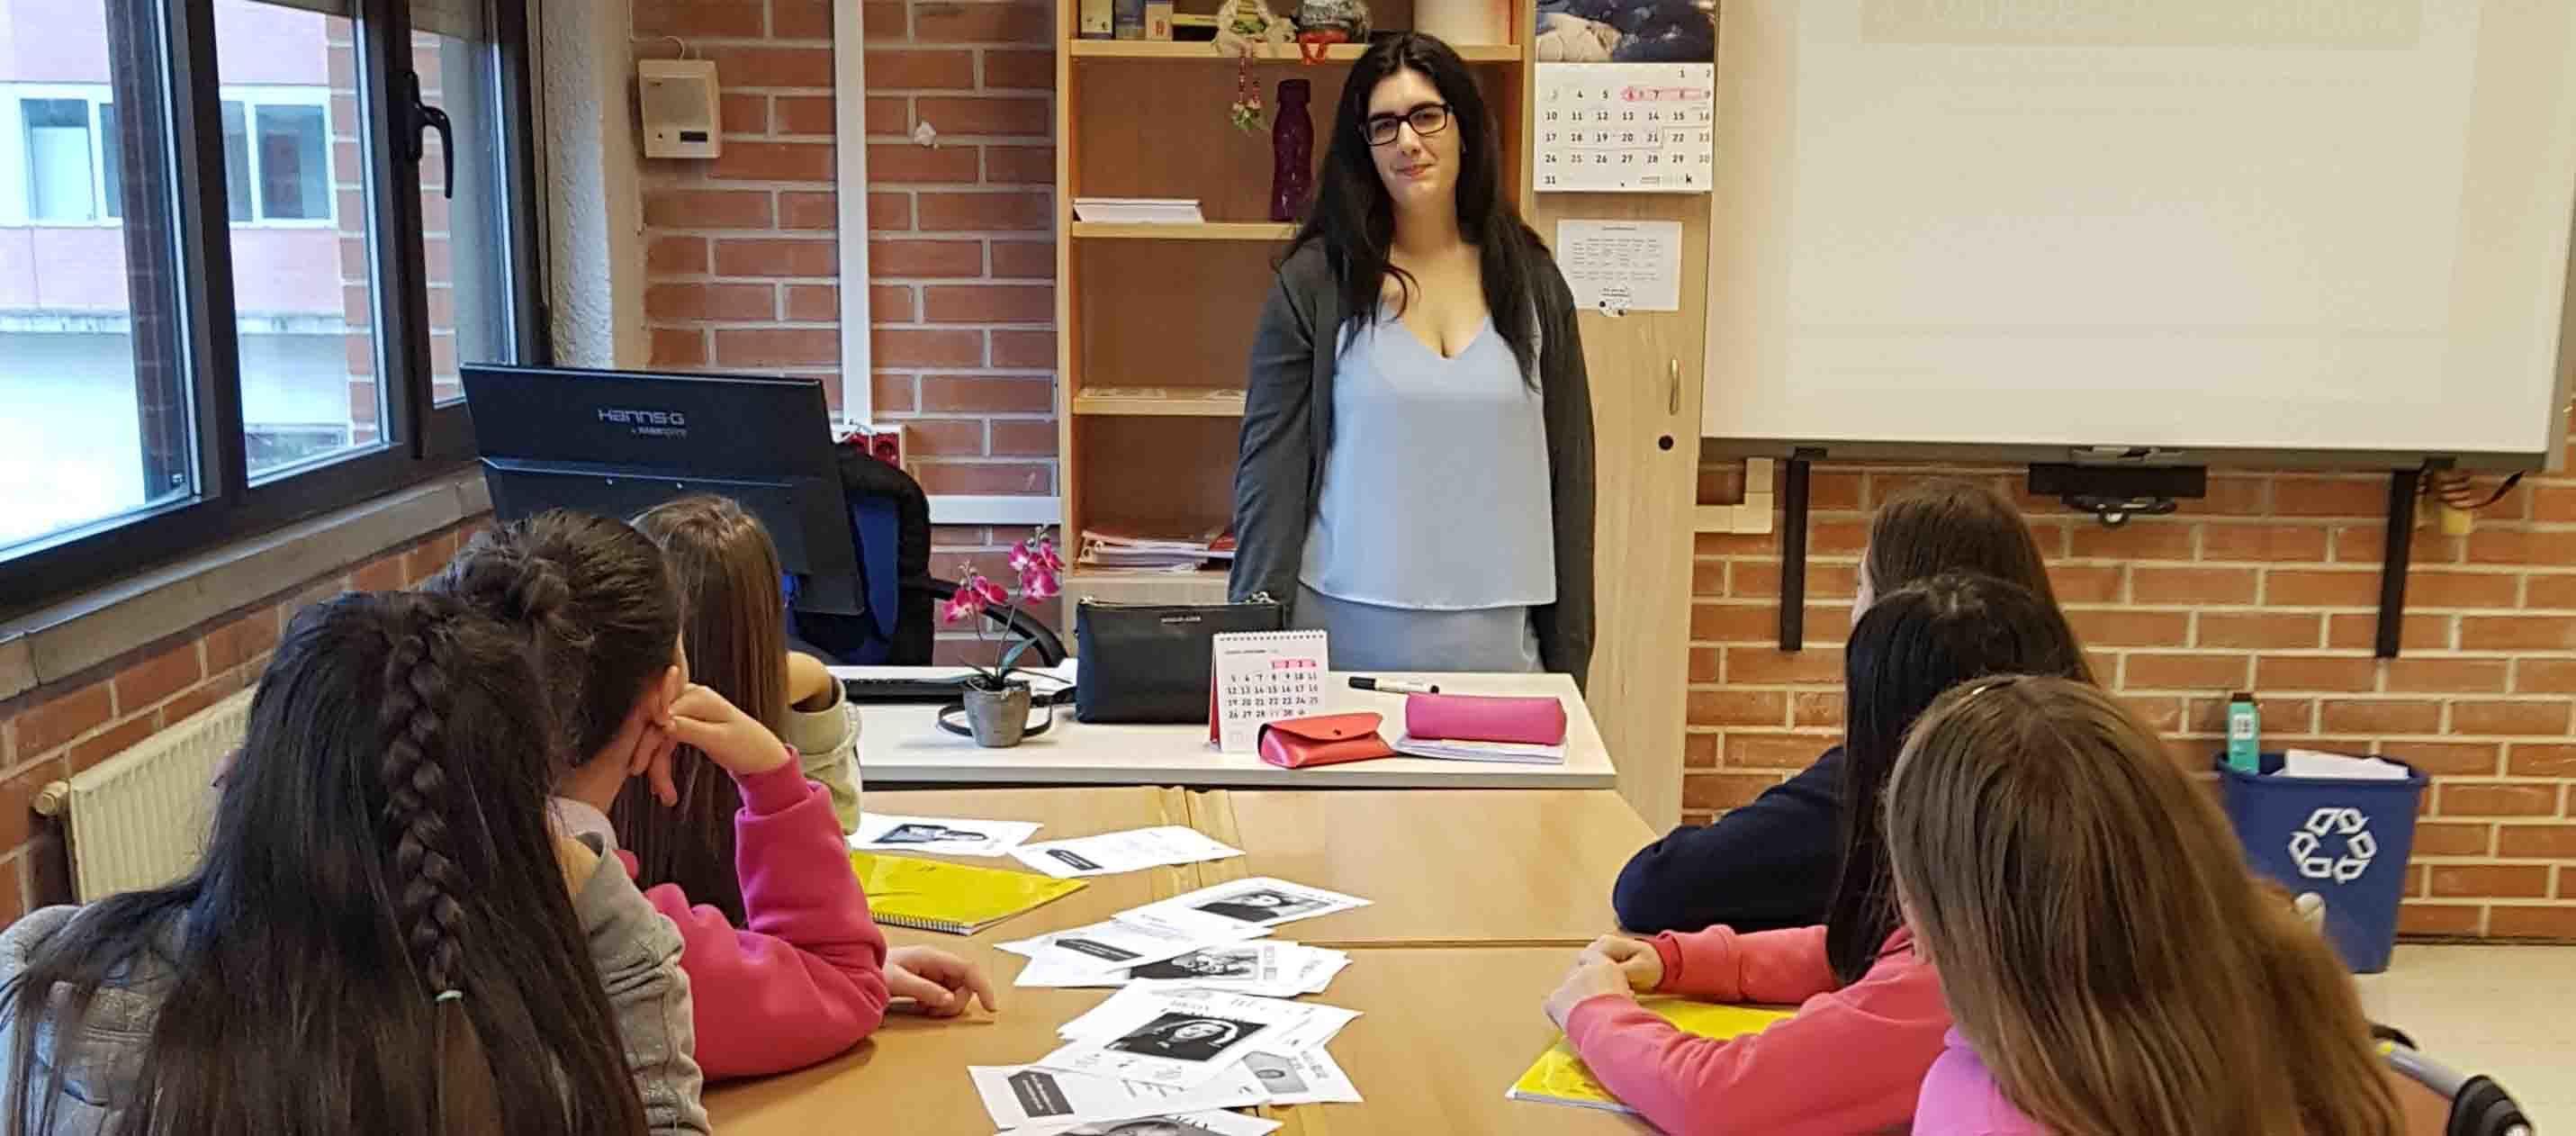 Natalia de Irontec mentora inspira steam con niñas en sesión